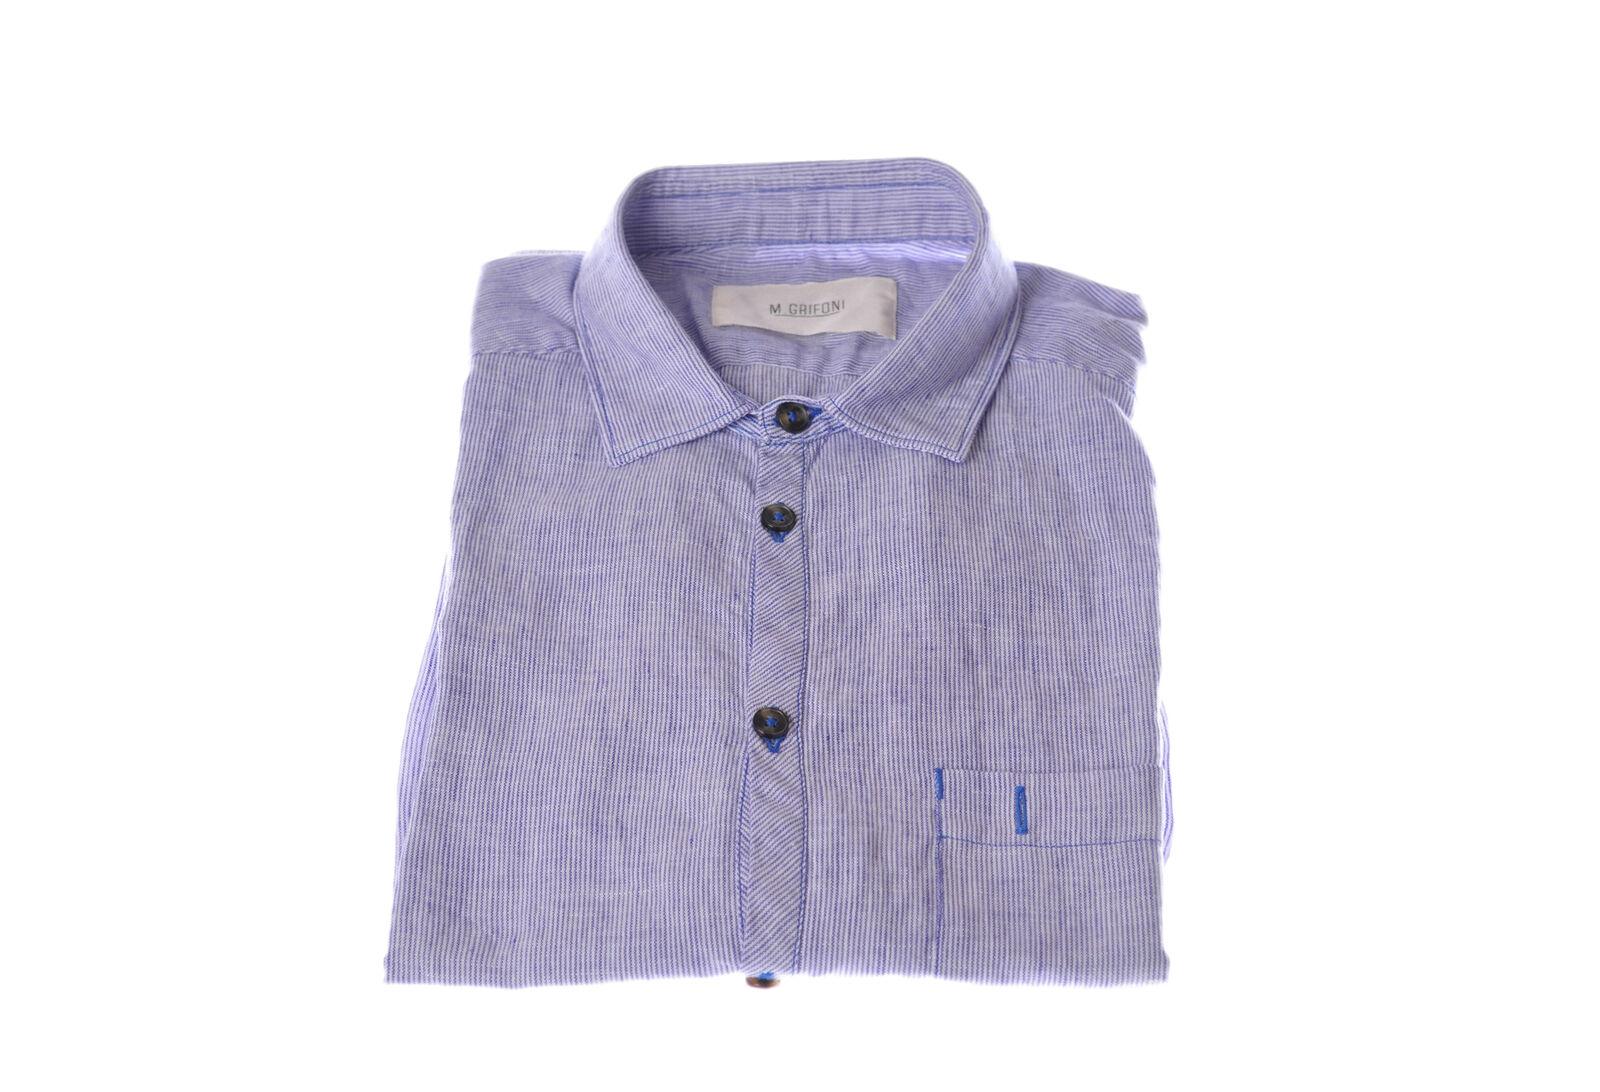 Mauro grifoni  -  Shirt - Male - Blau - 2990304A184530